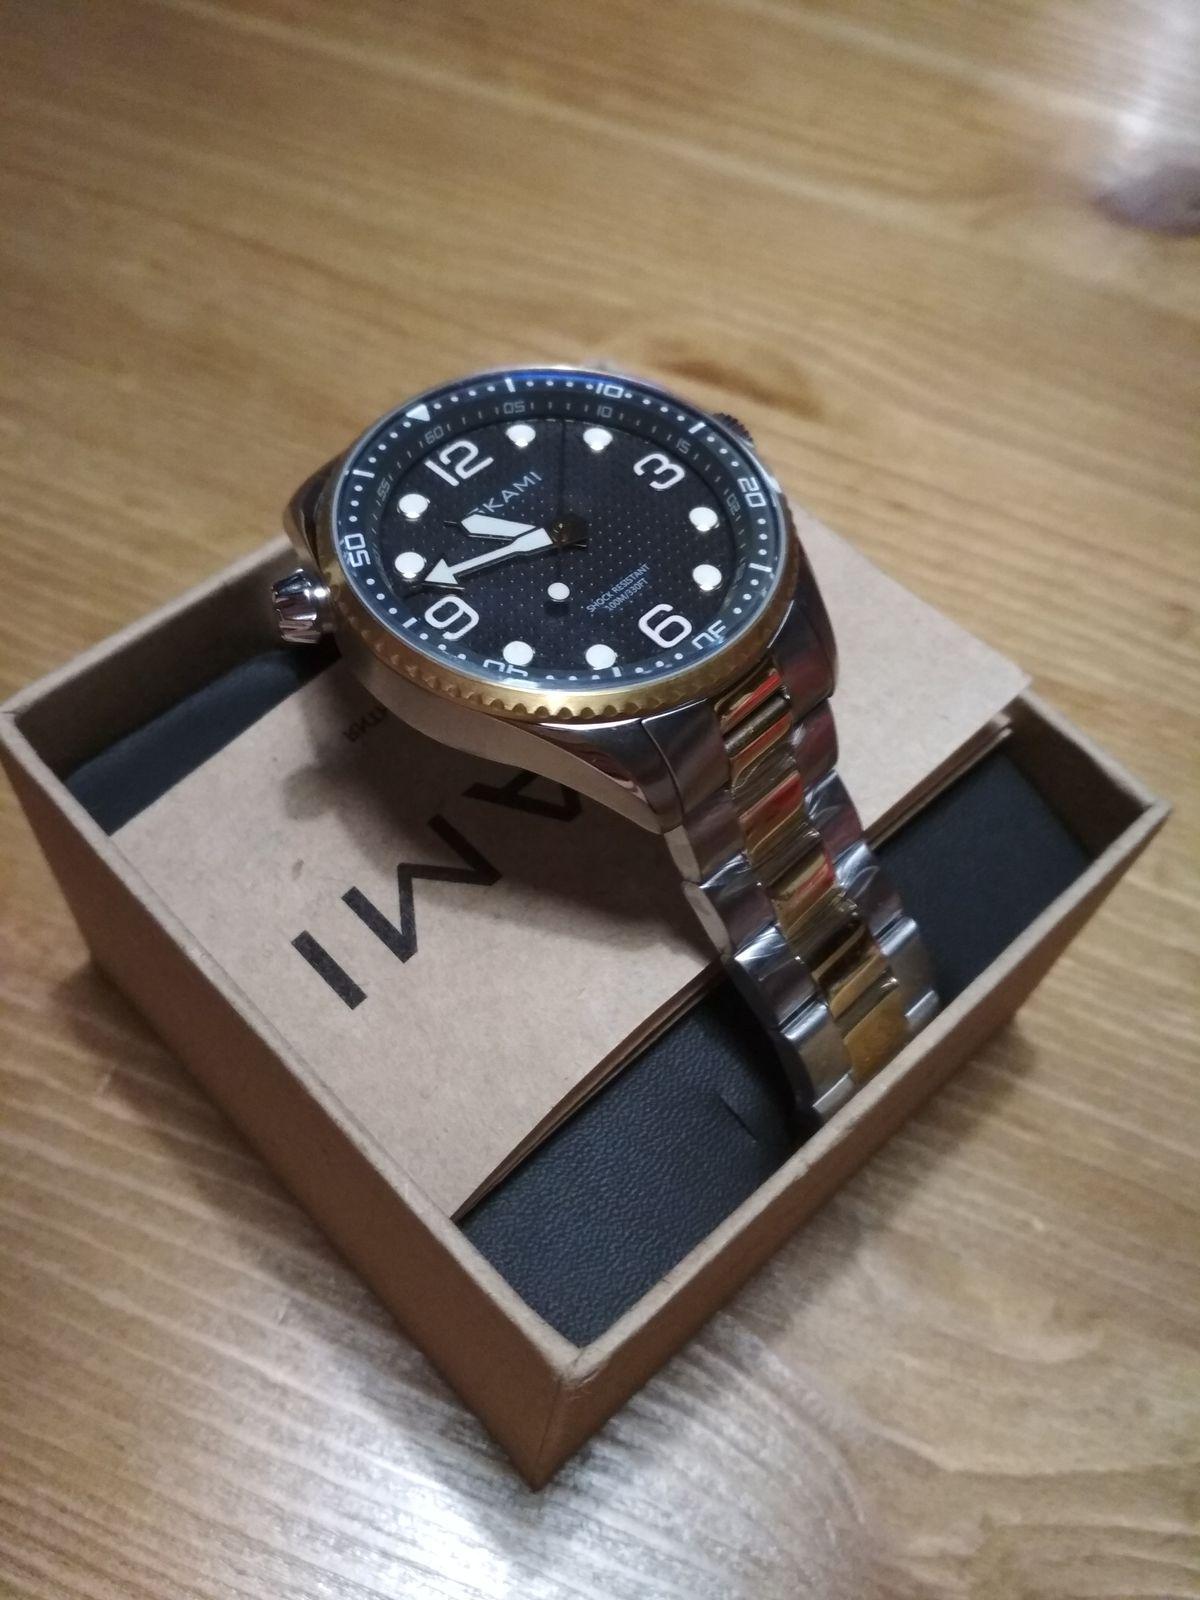 Часы для мужчины. На железном ремешке, очень элегантные. Мужчина доволен)))